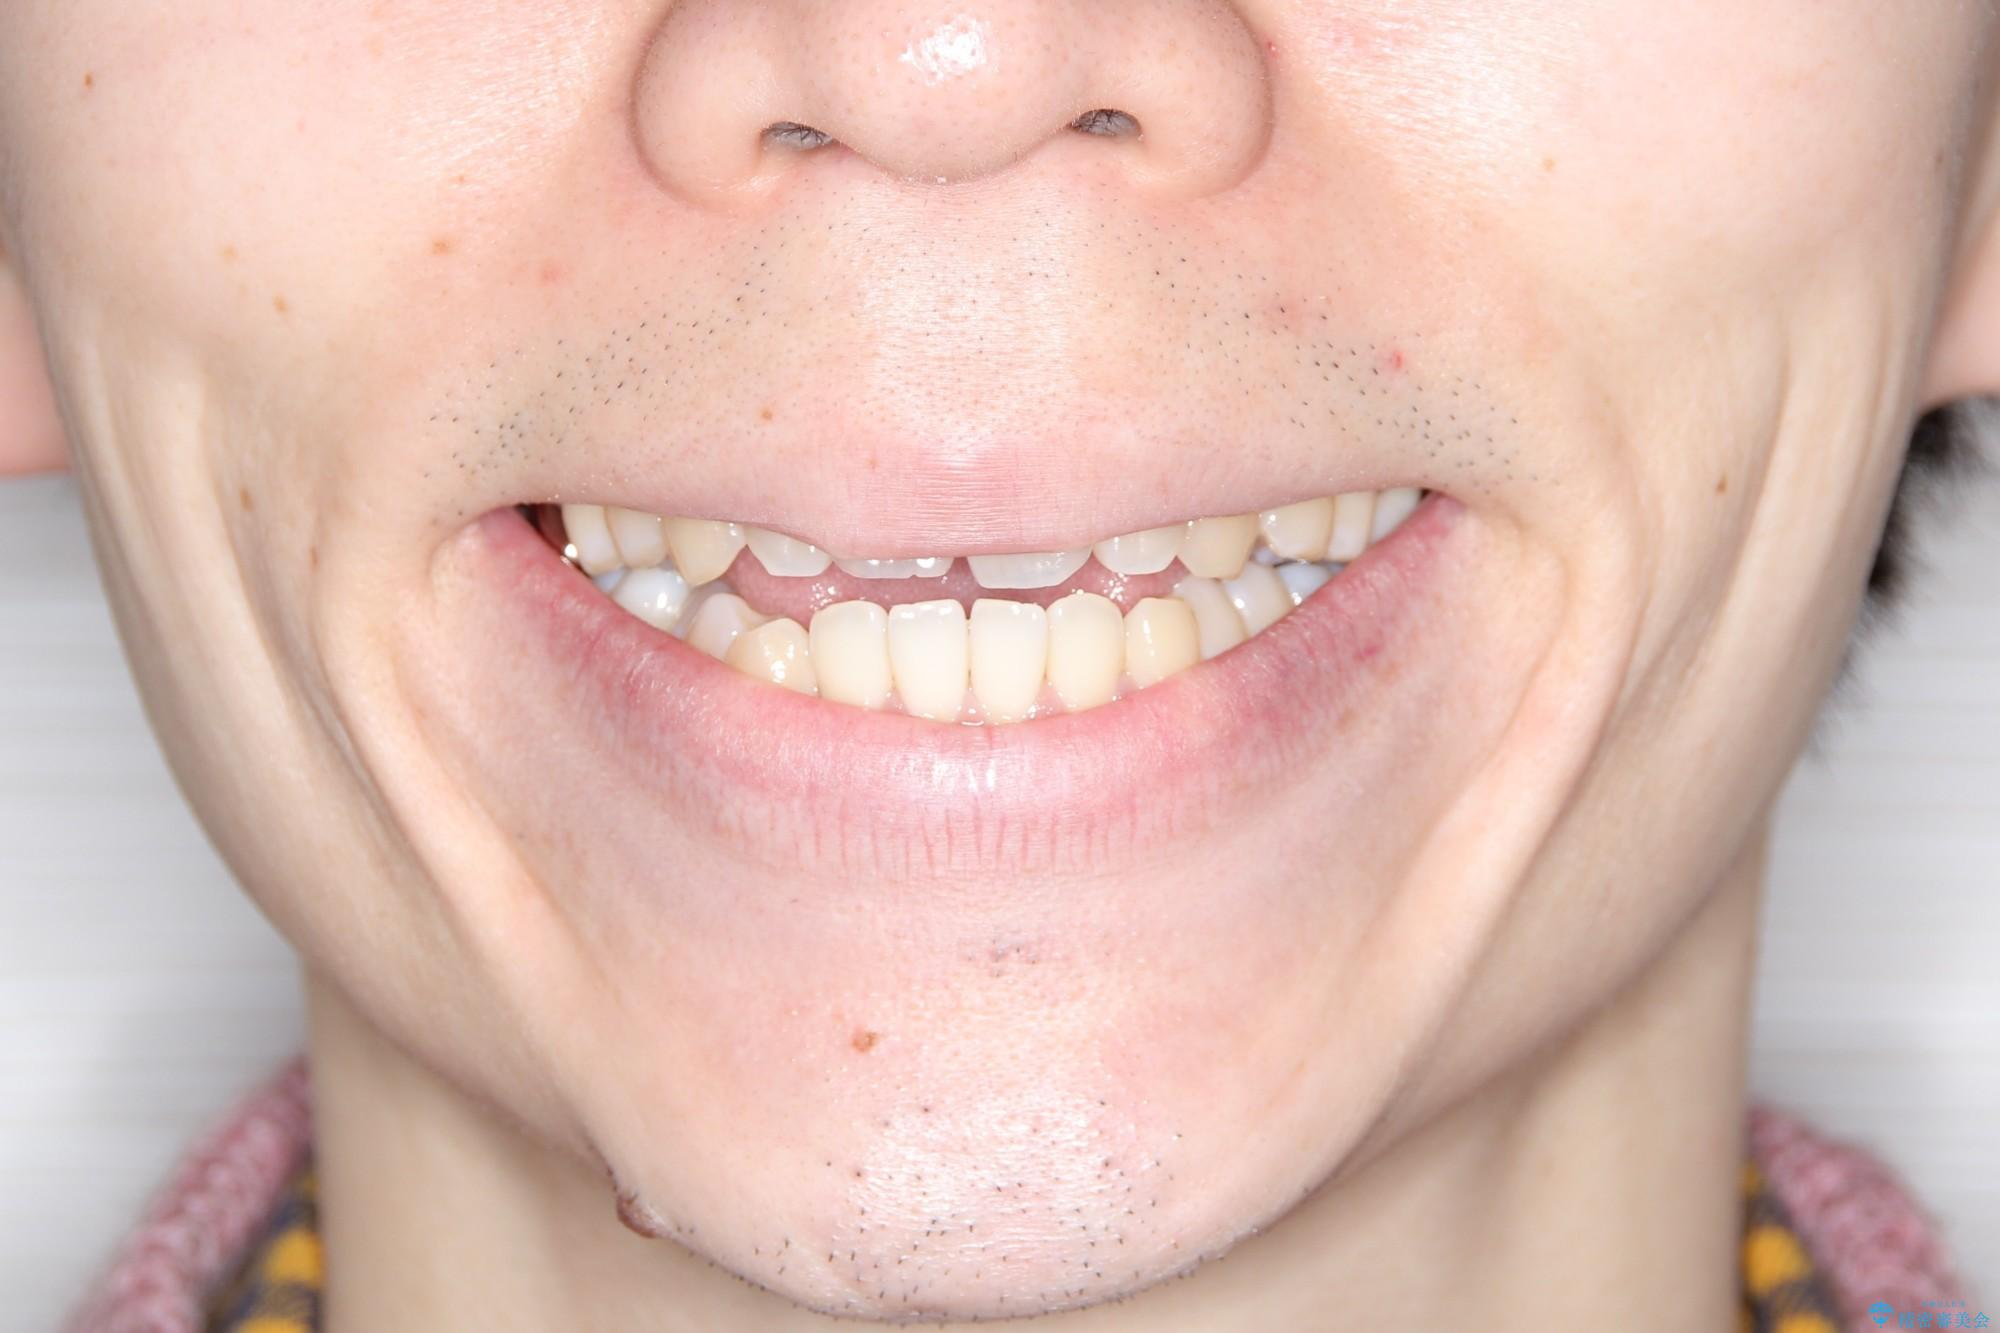 前歯でものが噛み切れない インビザラインによるオープンバイトの治療の治療前(顔貌)